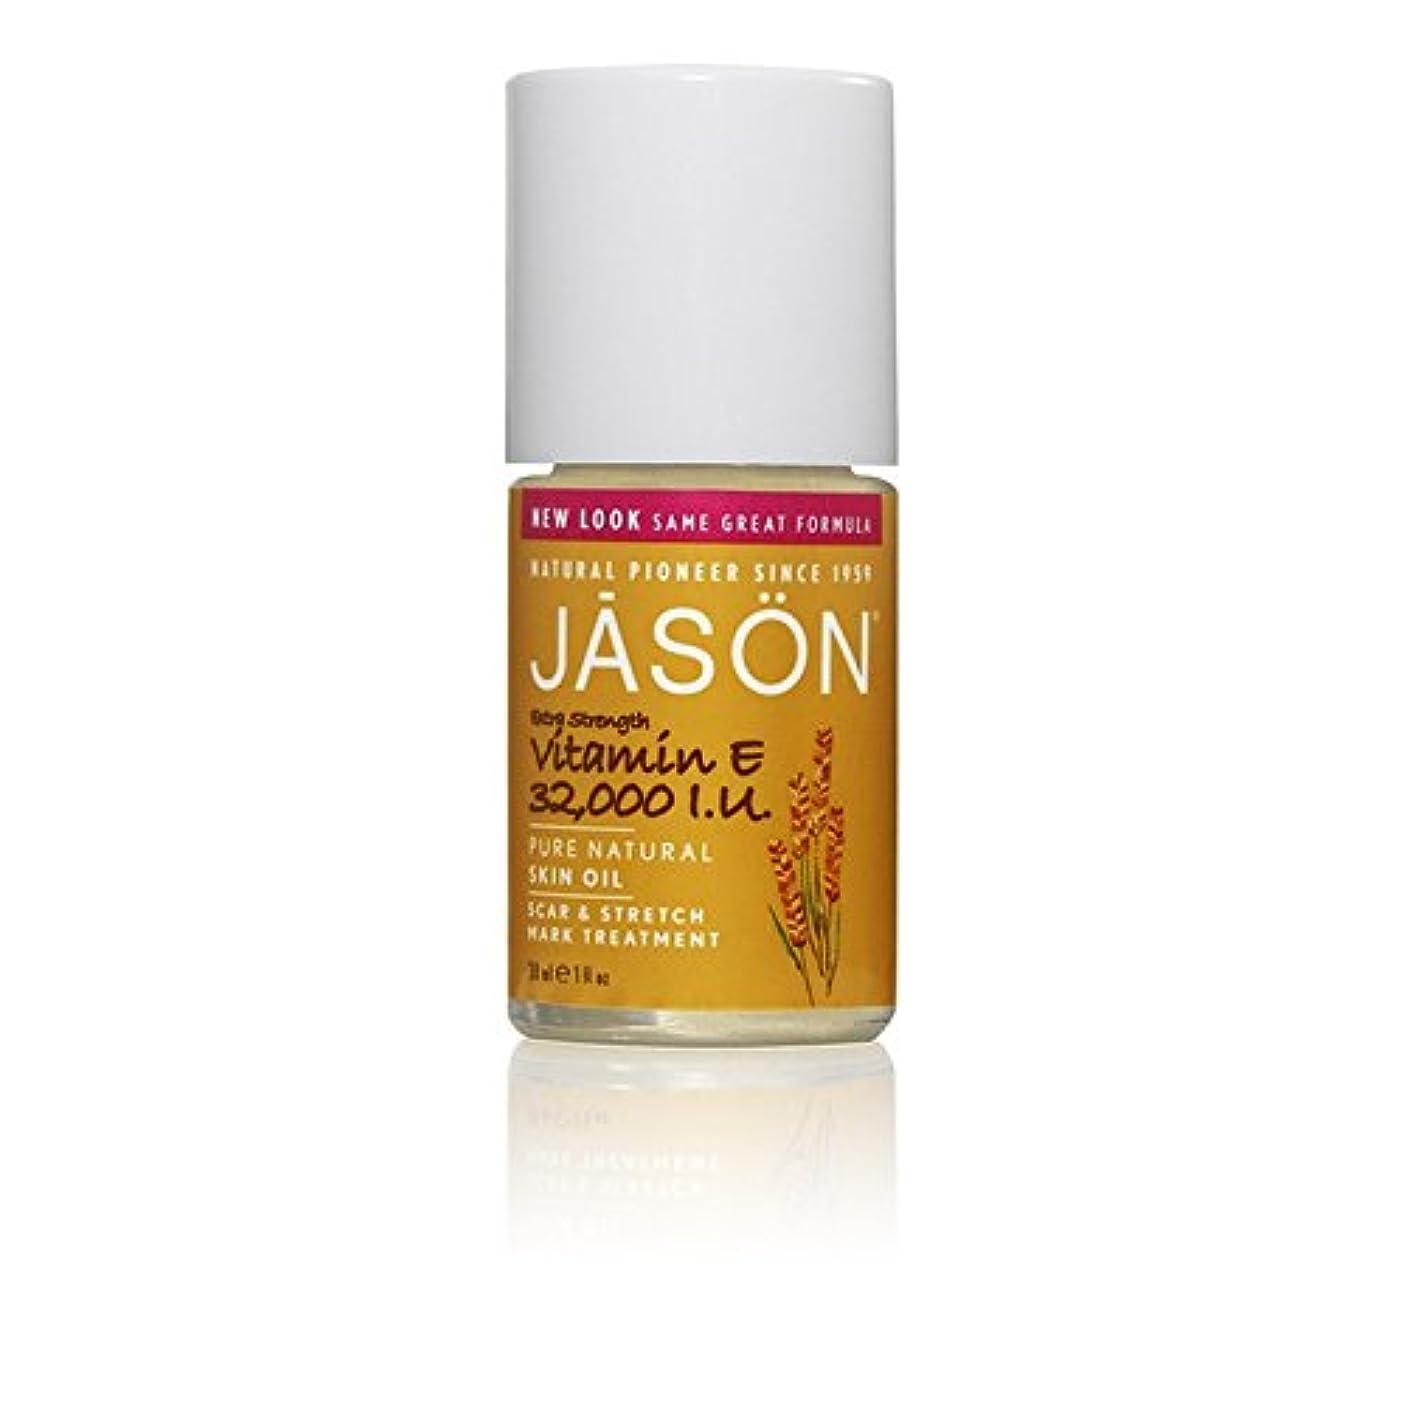 博覧会感染するネックレスJason Vitamin E 32,000iu Oil Scar & Stretch Mark Treatment 33ml (Pack of 6) - ジェイソン?ビタミン 32,000オイル傷跡&ストレッチマークトリートメント...